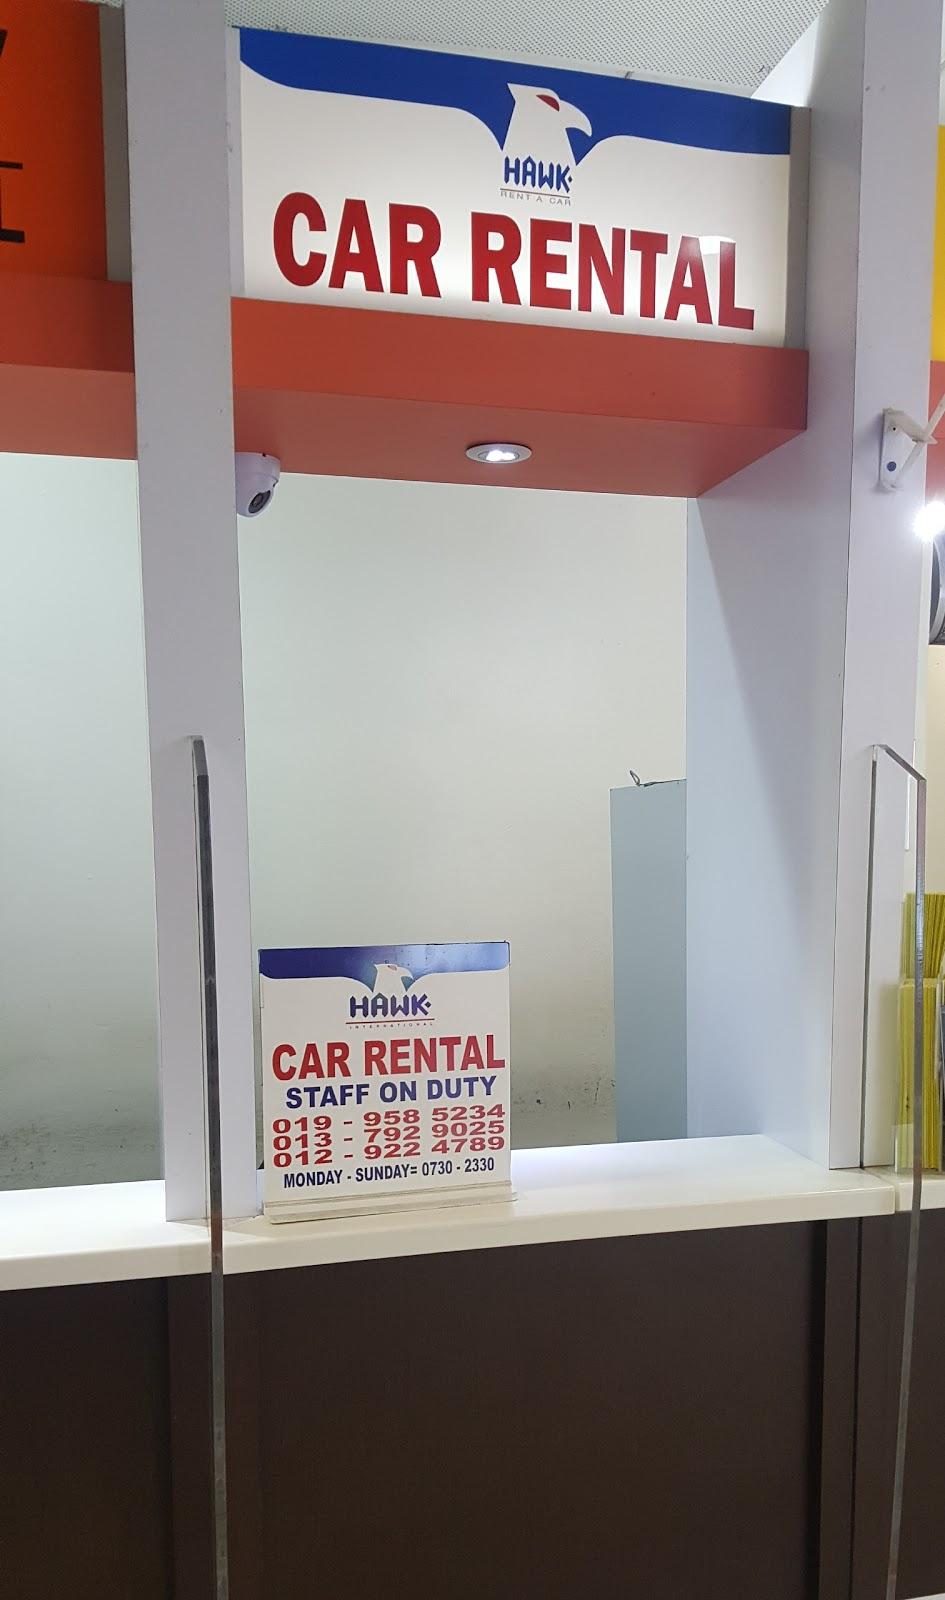 hawk rent a car review